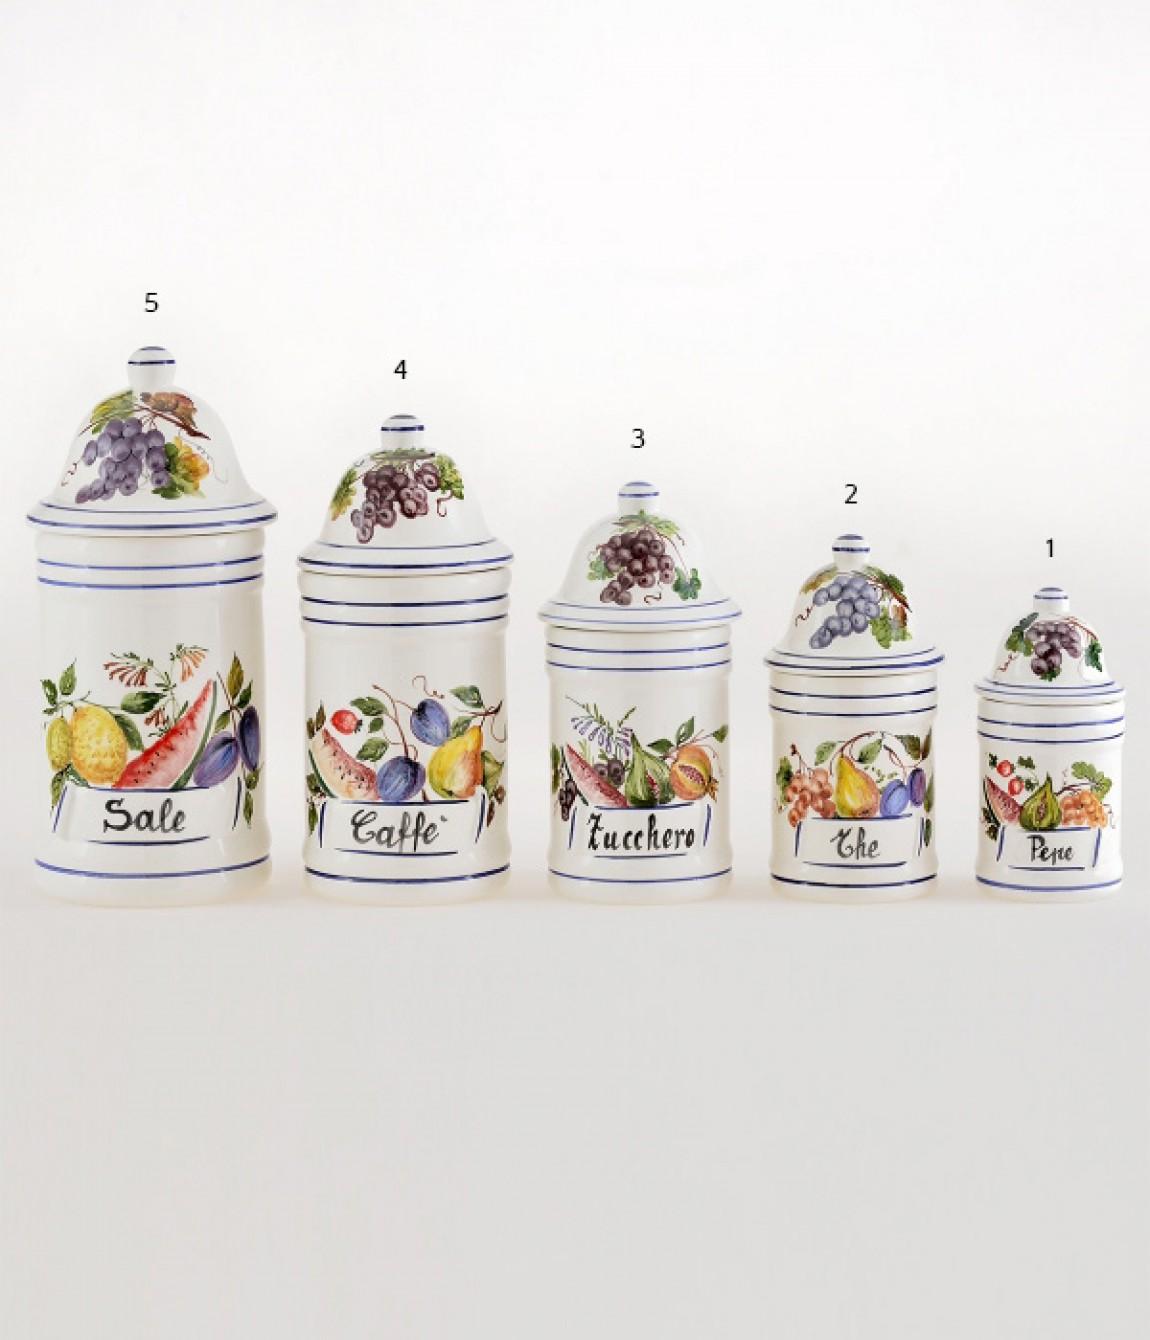 Vaso da cucina 1 altezza cm15 Vaso da cucina in ceramica decorato a ...